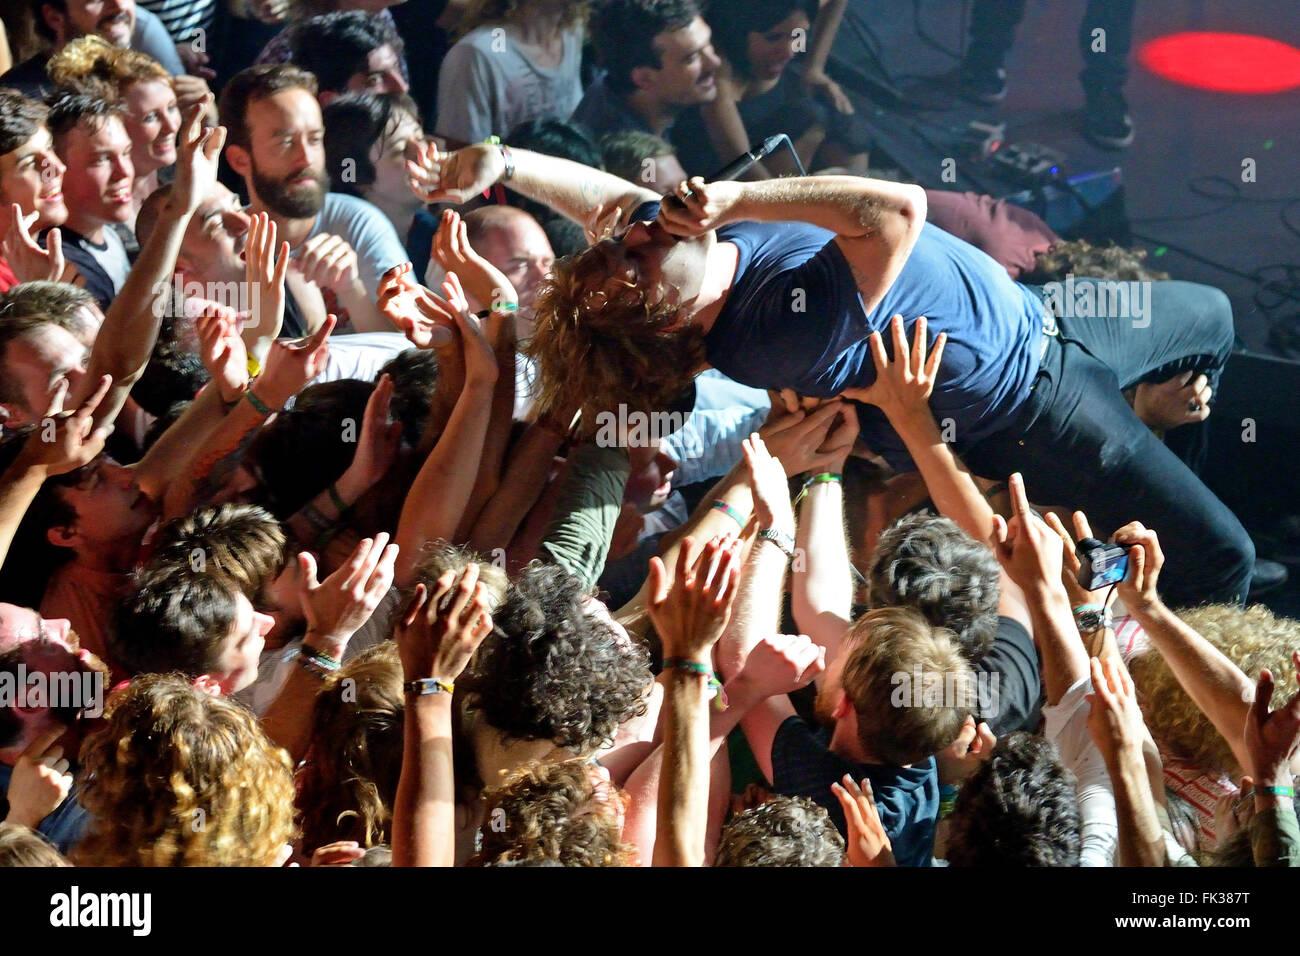 BARCELONA - 30 de mayo: El guitarrista de Ty Segall (banda) realiza por encima de la multitud de espectadores (surf Imagen De Stock